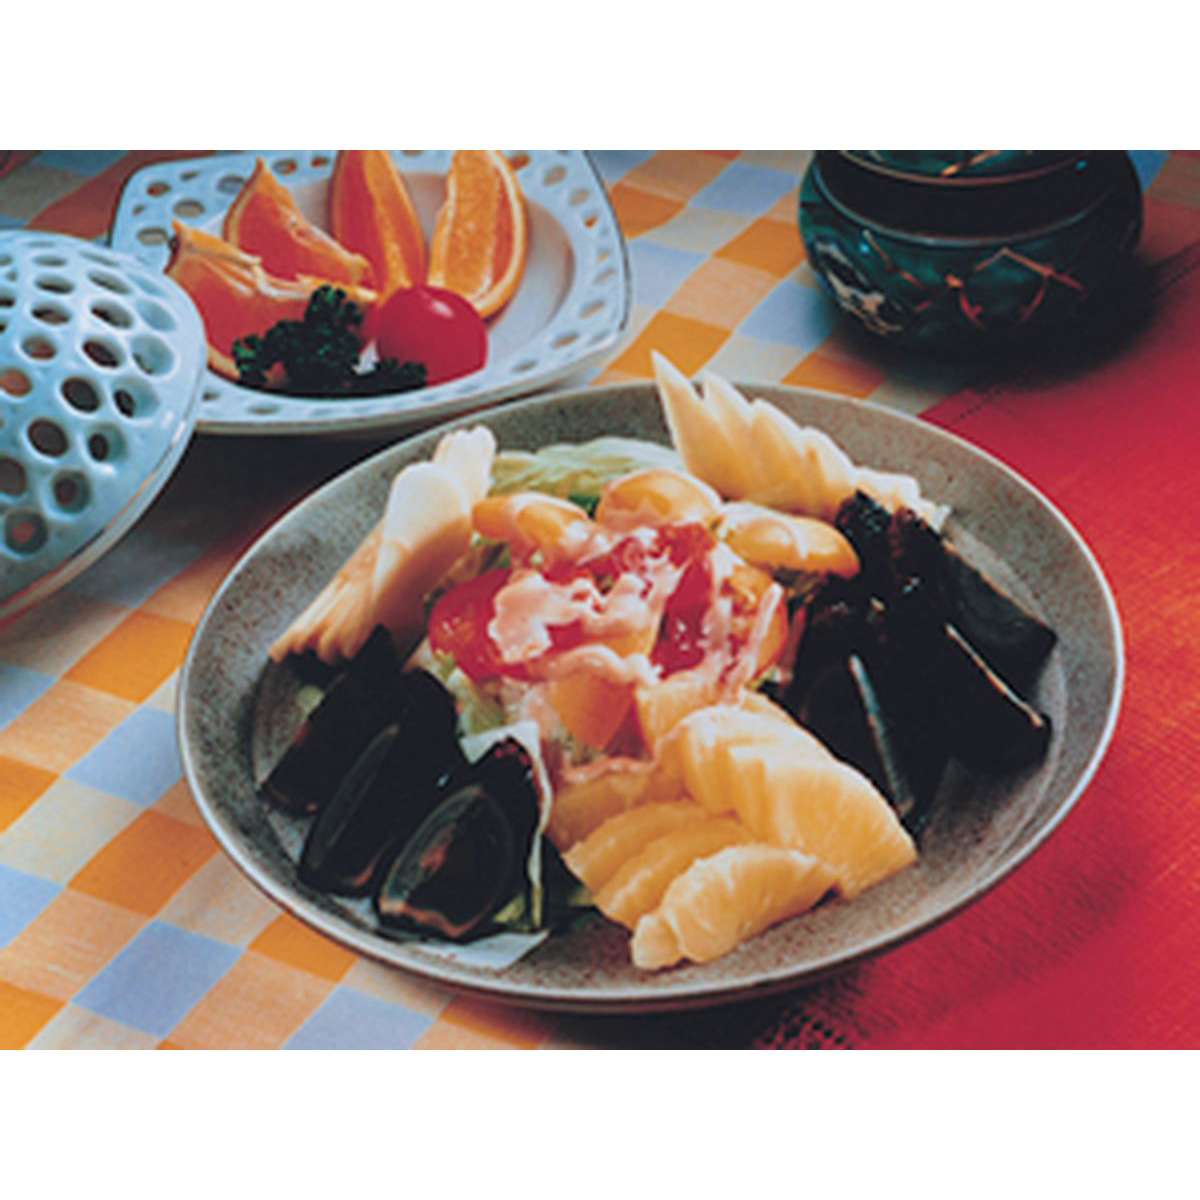 食譜:水果皮蛋沙拉